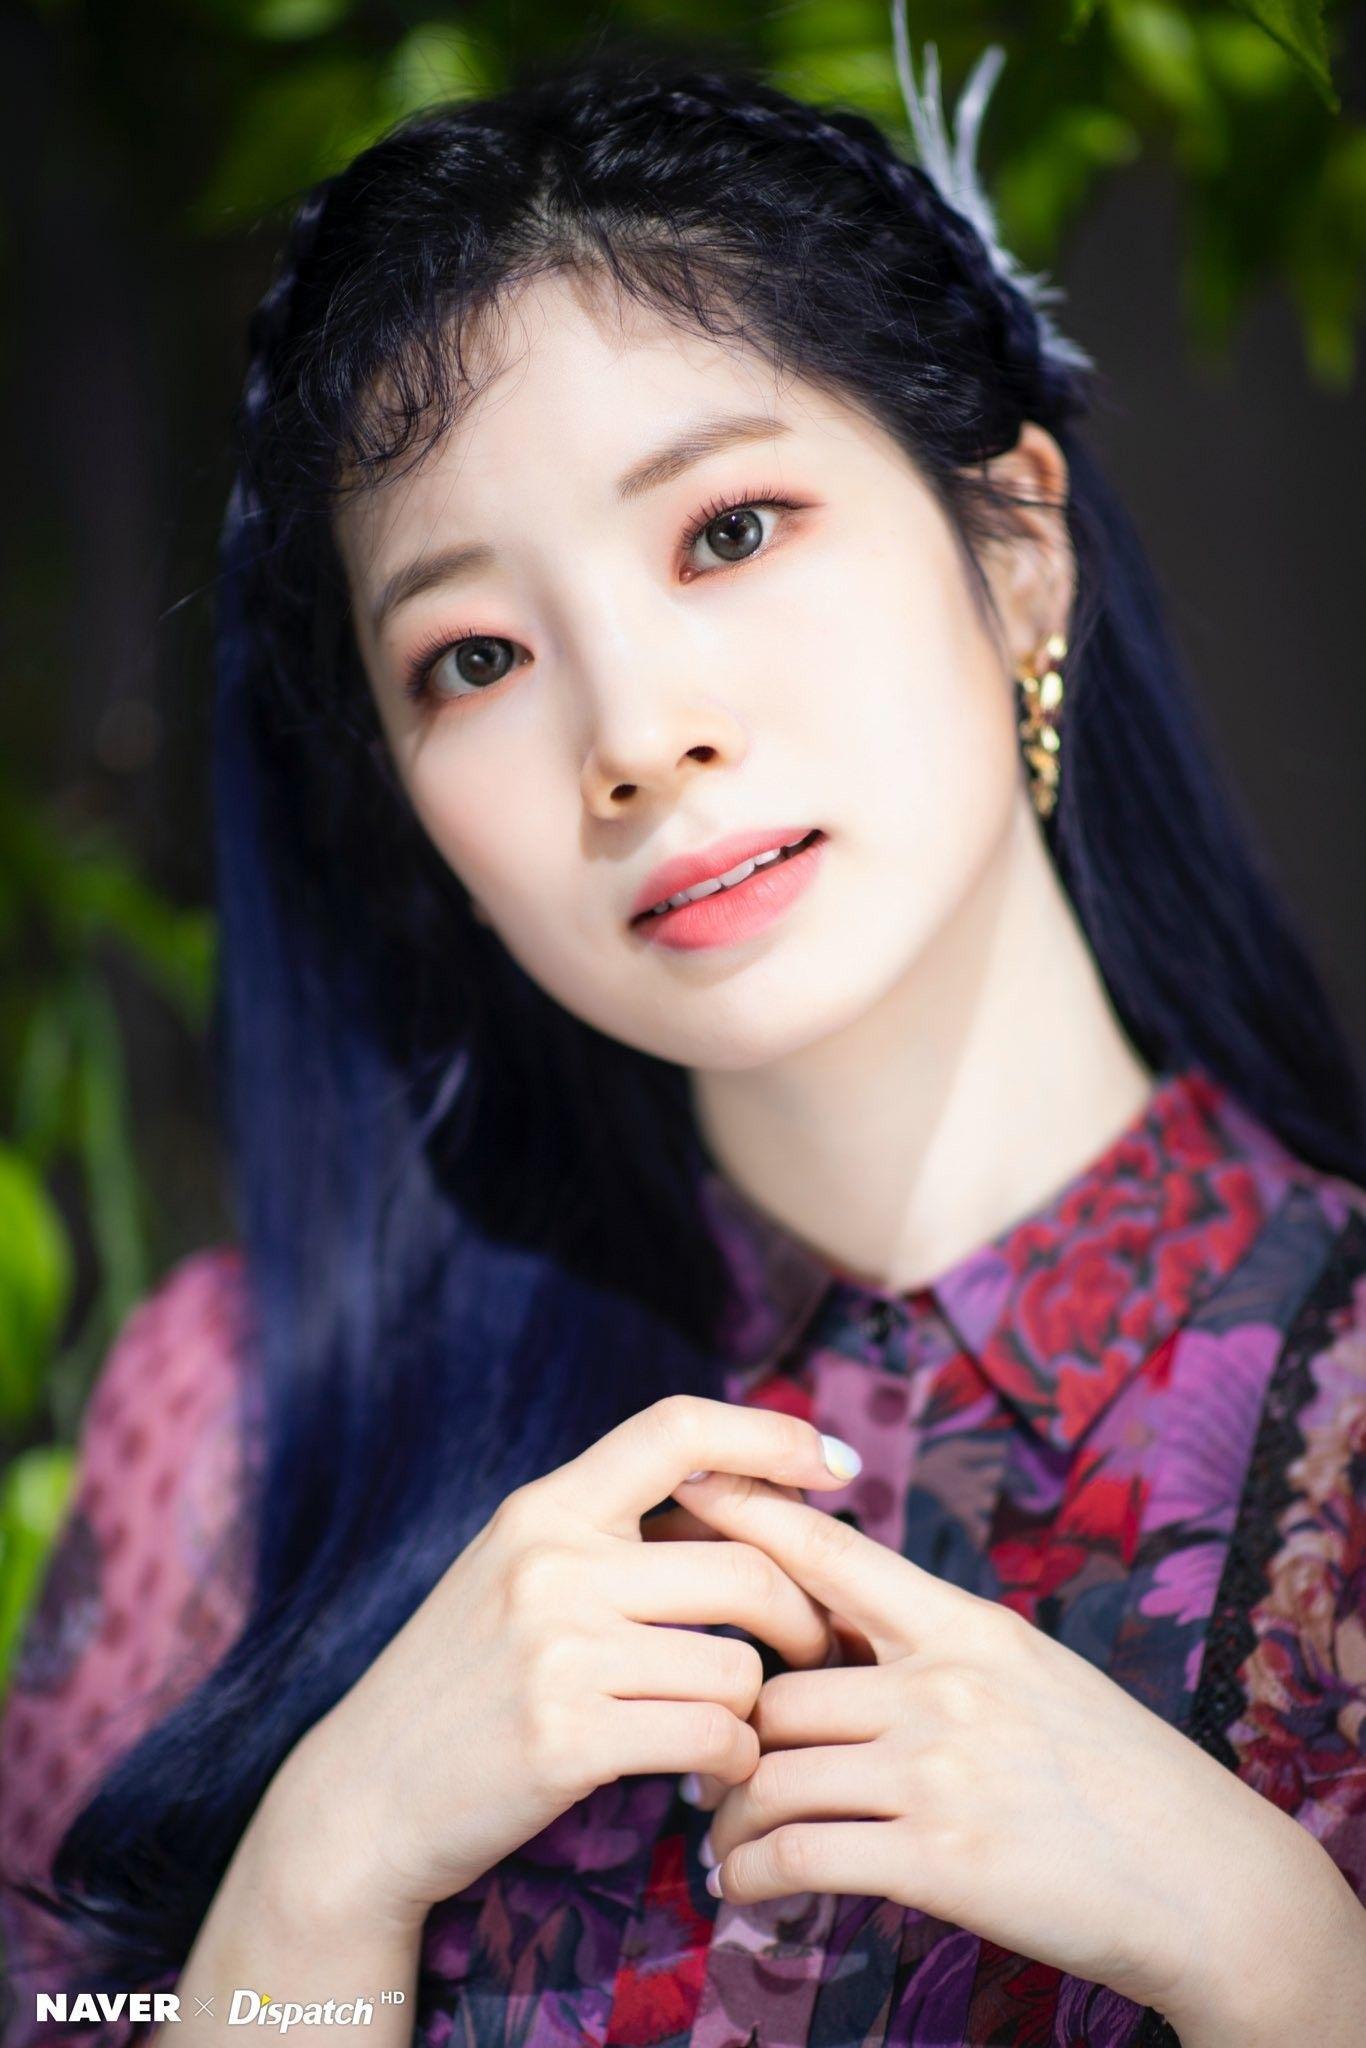 Ṭẉḯḉḙ에 있는 𝐉𝐈𝐒𝐎𝐎님의 핀 2020 미니앨범, 모어, 뮤직 비디오